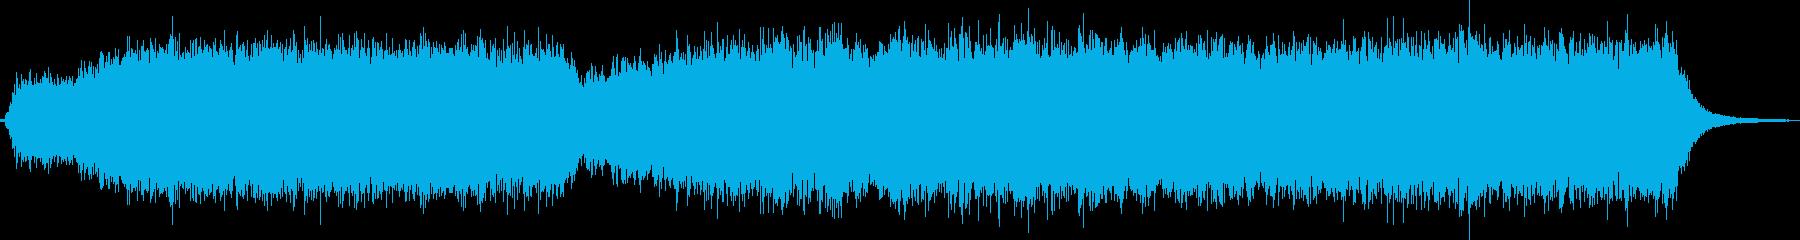 劇伴 壮大な電子アンビエントの再生済みの波形